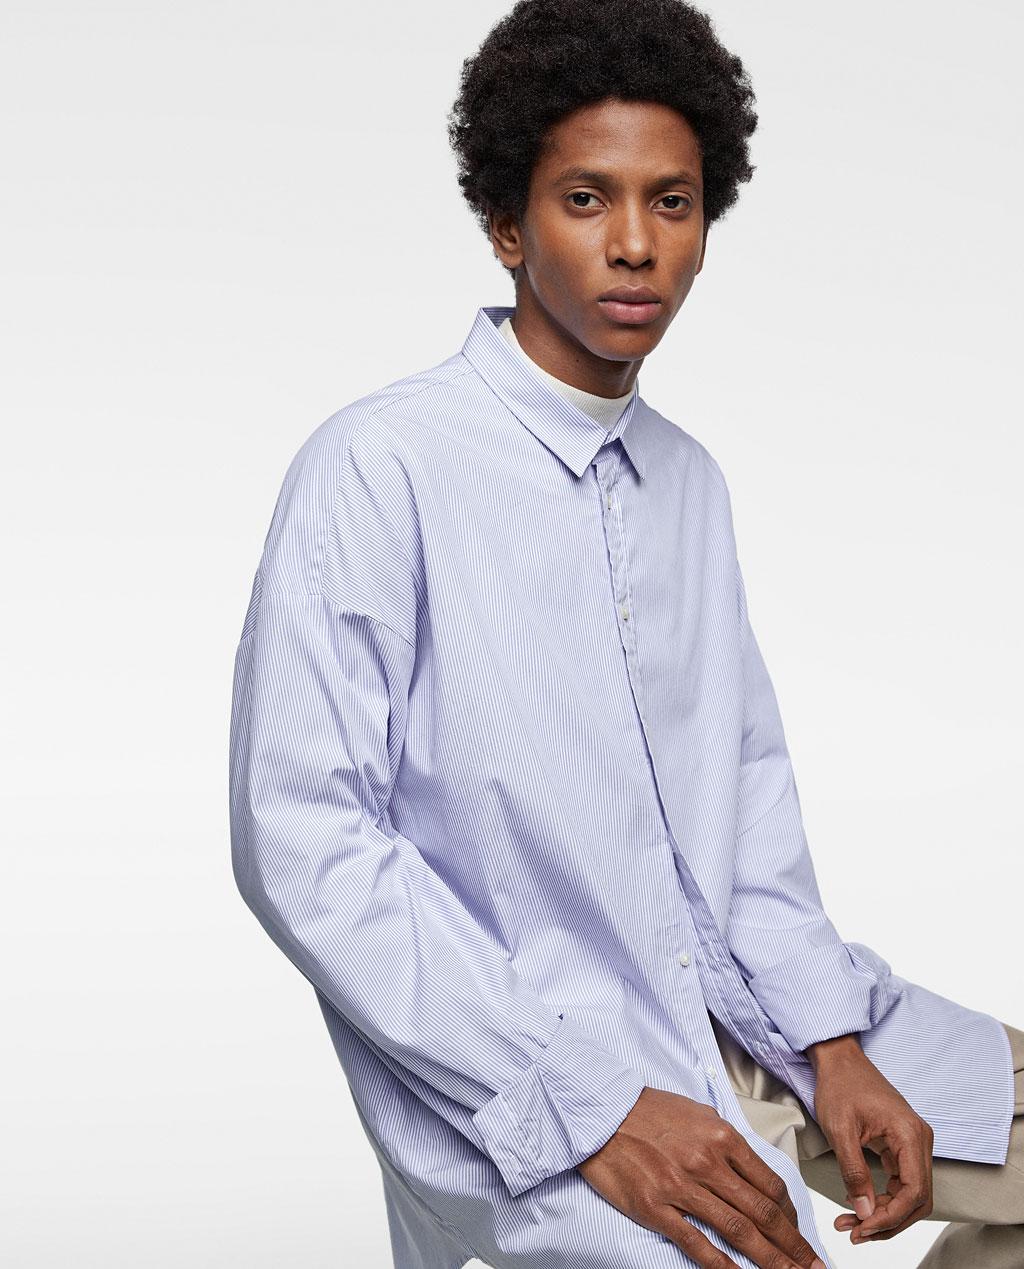 Thời trang nam Zara  24029 - ảnh 8